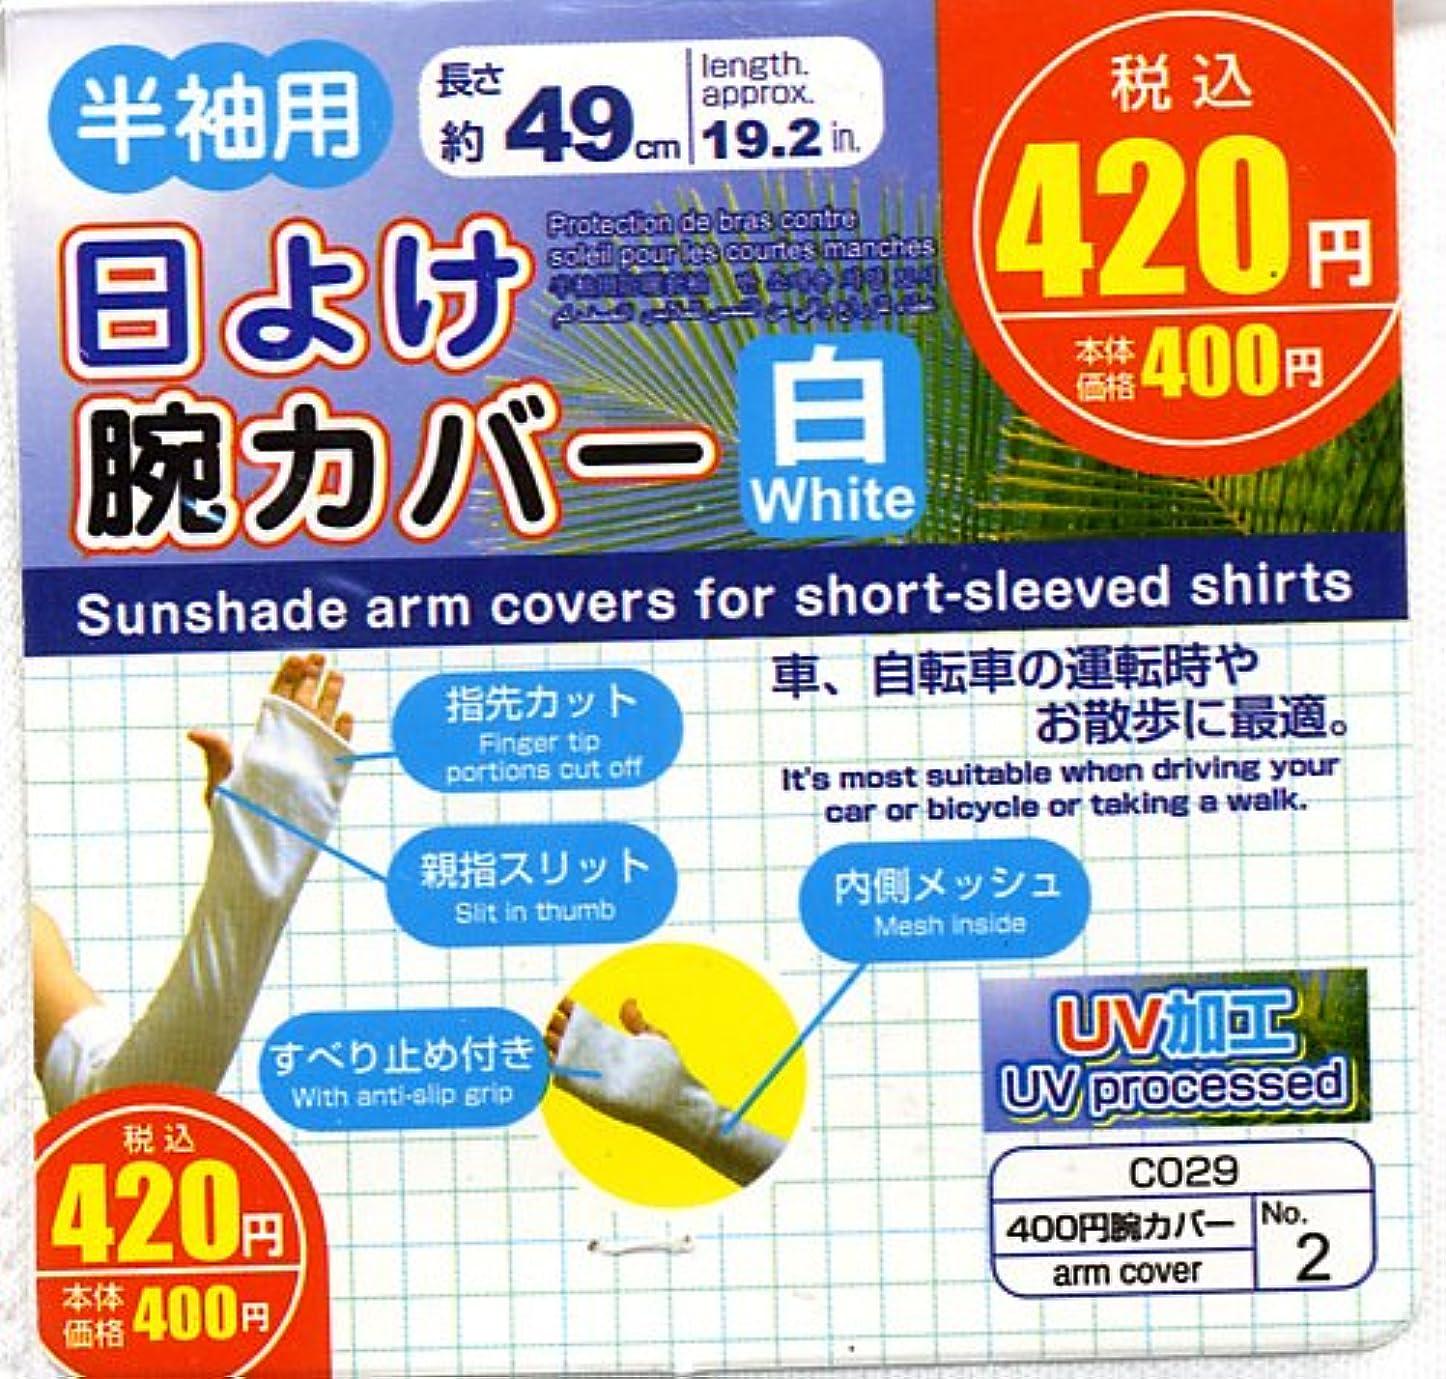 全体集まるびっくりする紫外線対策に!UVカットでお肌を紫外線から守る!日よけ腕カバー